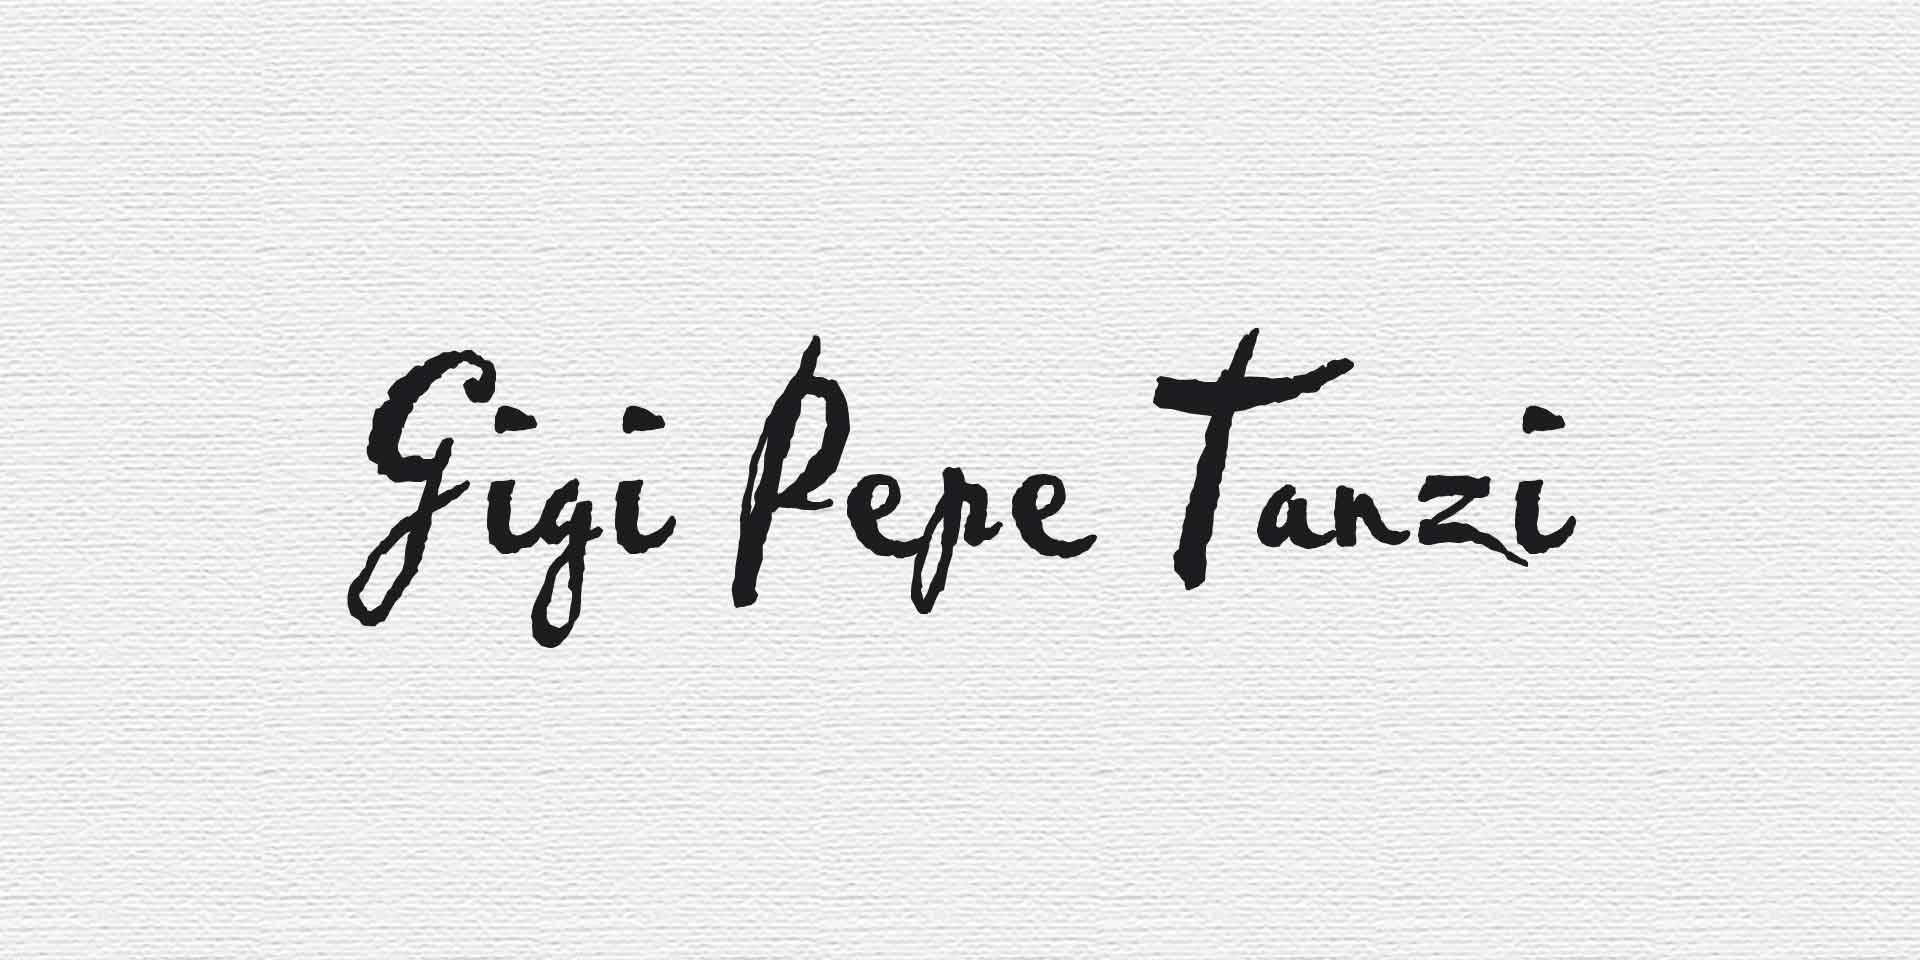 Gigi Pepe Tanzi